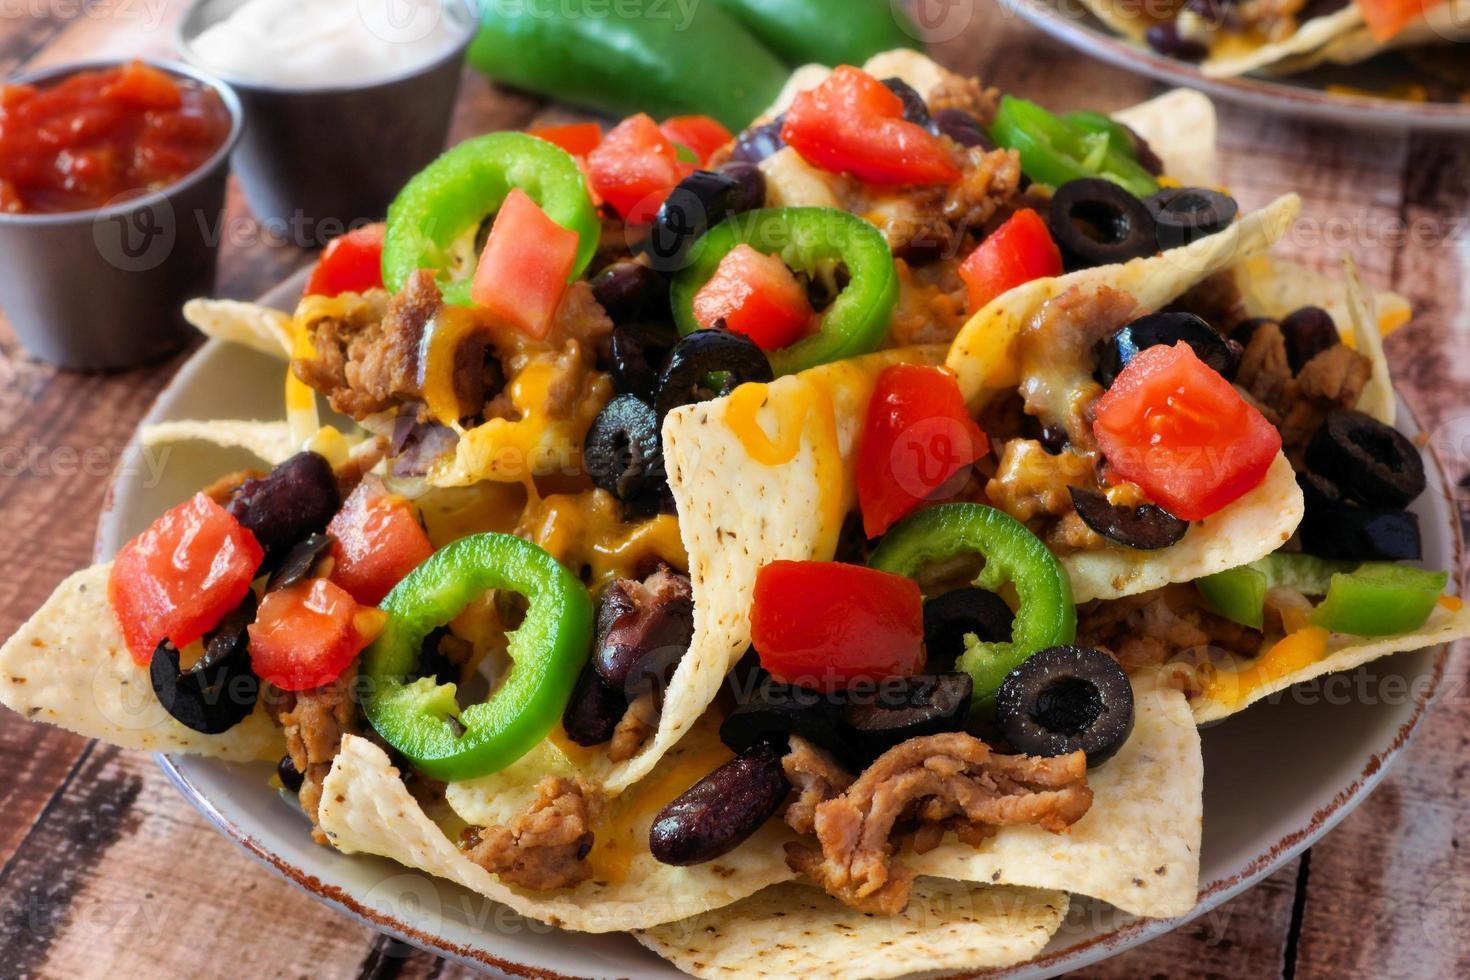 piatto di nachos messicani completamente caricati piccanti foto